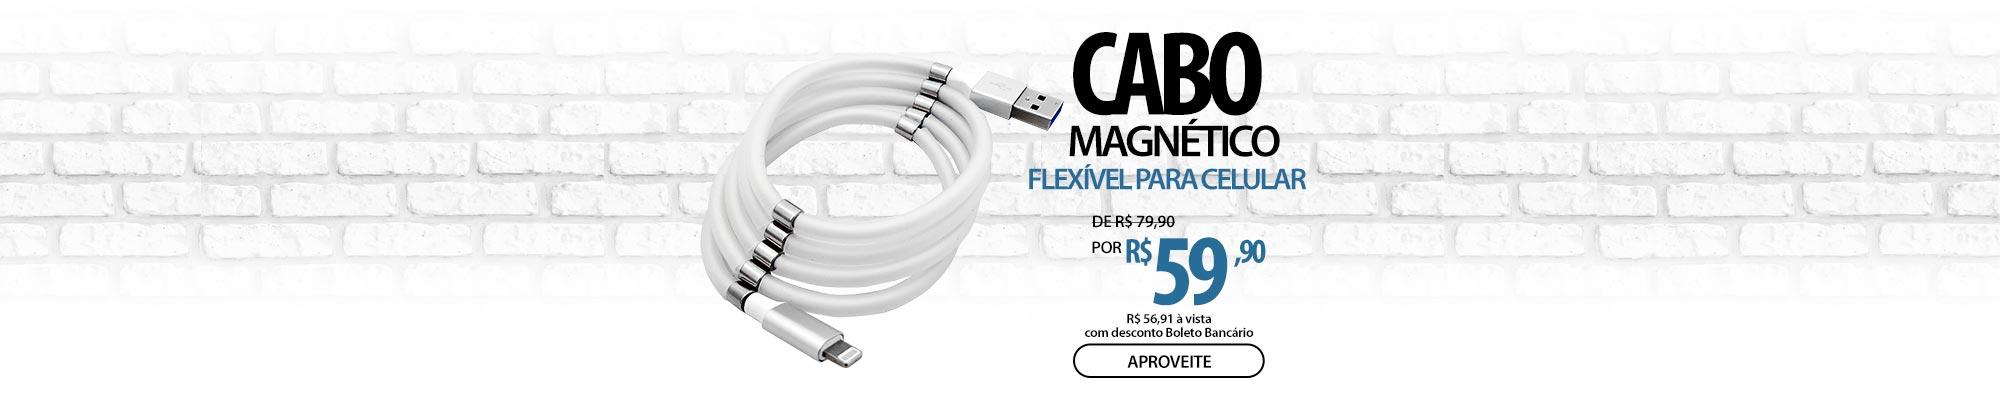 Cabo Magnético Flexível para Celular